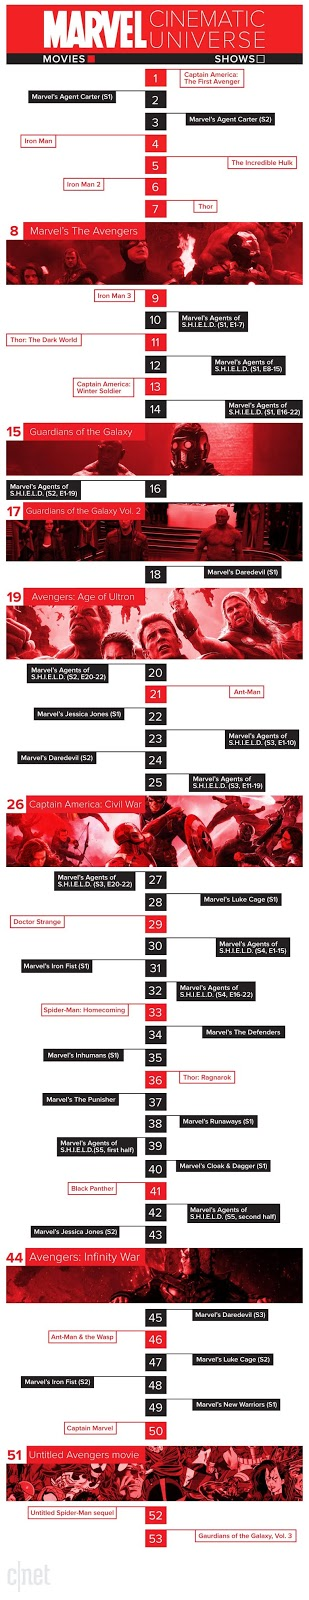 شبكة الأوتاكو العرب كيف تشاهد جميع أفلام ومسلسلات مارفل بالترتيب